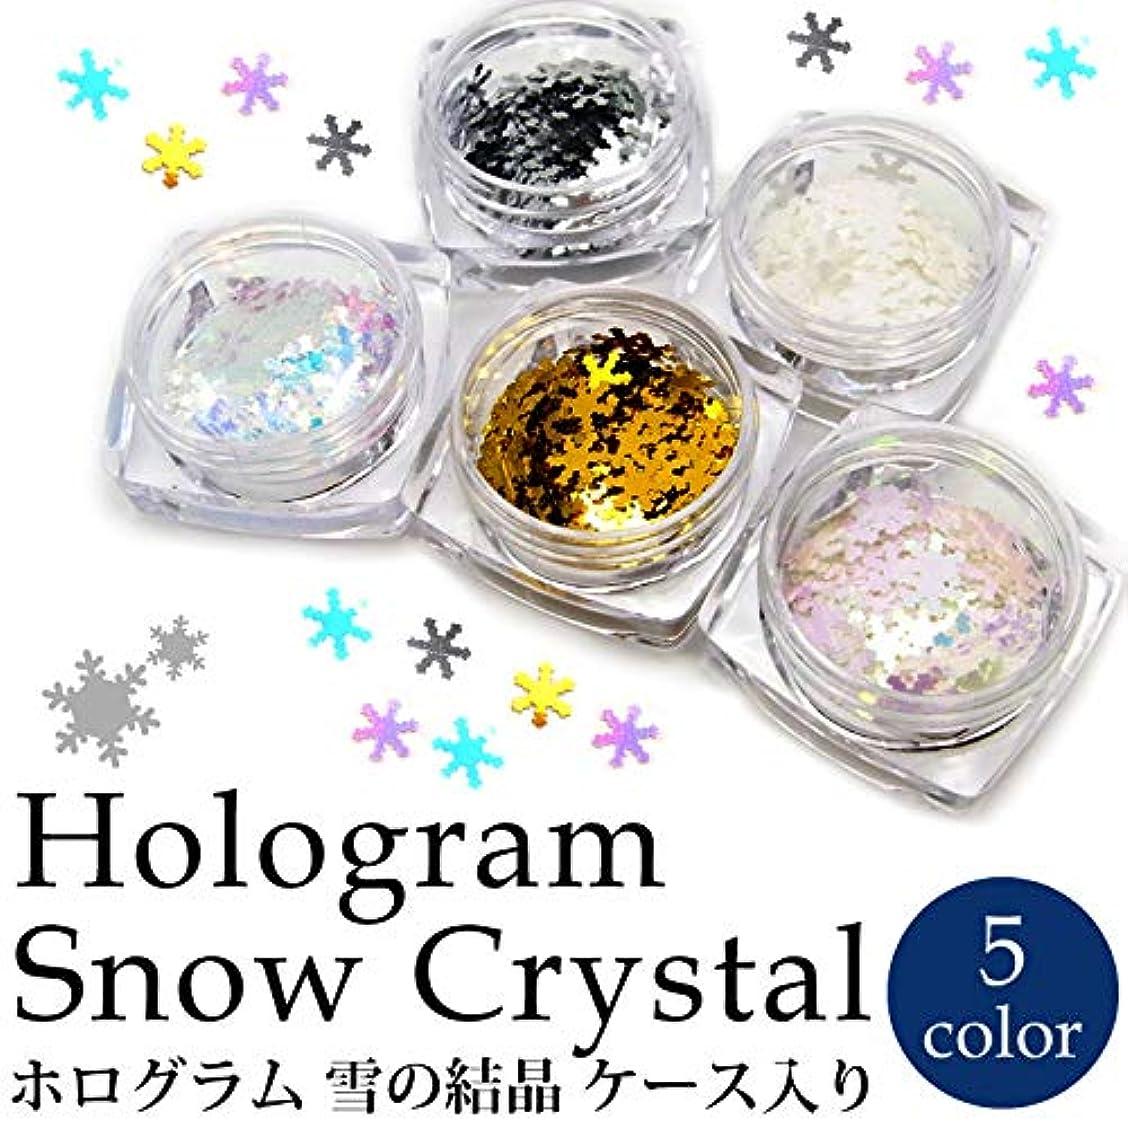 代表宿題をするホログラム 雪の結晶 各種 ケース入り (5.ホワイトオーロラピンク)